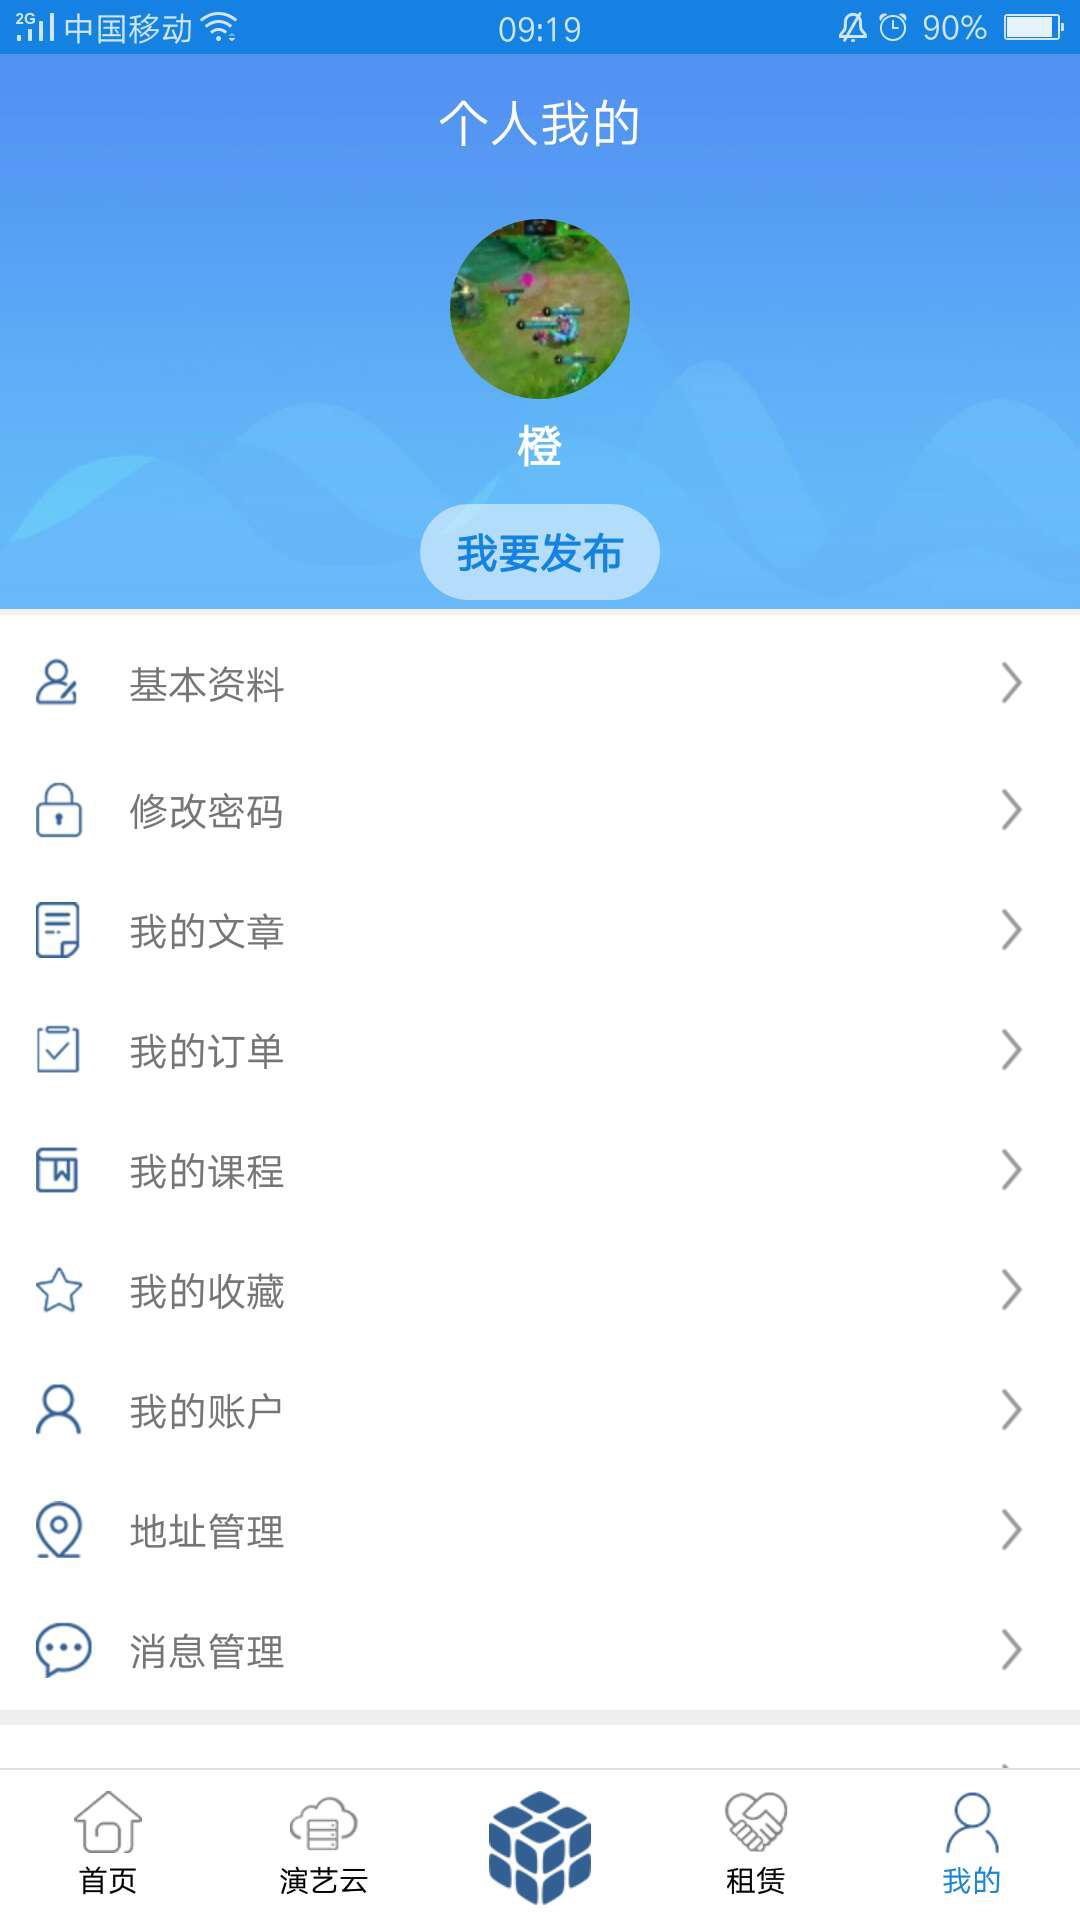 演艺魔方 V2.4.2 安卓版截图5